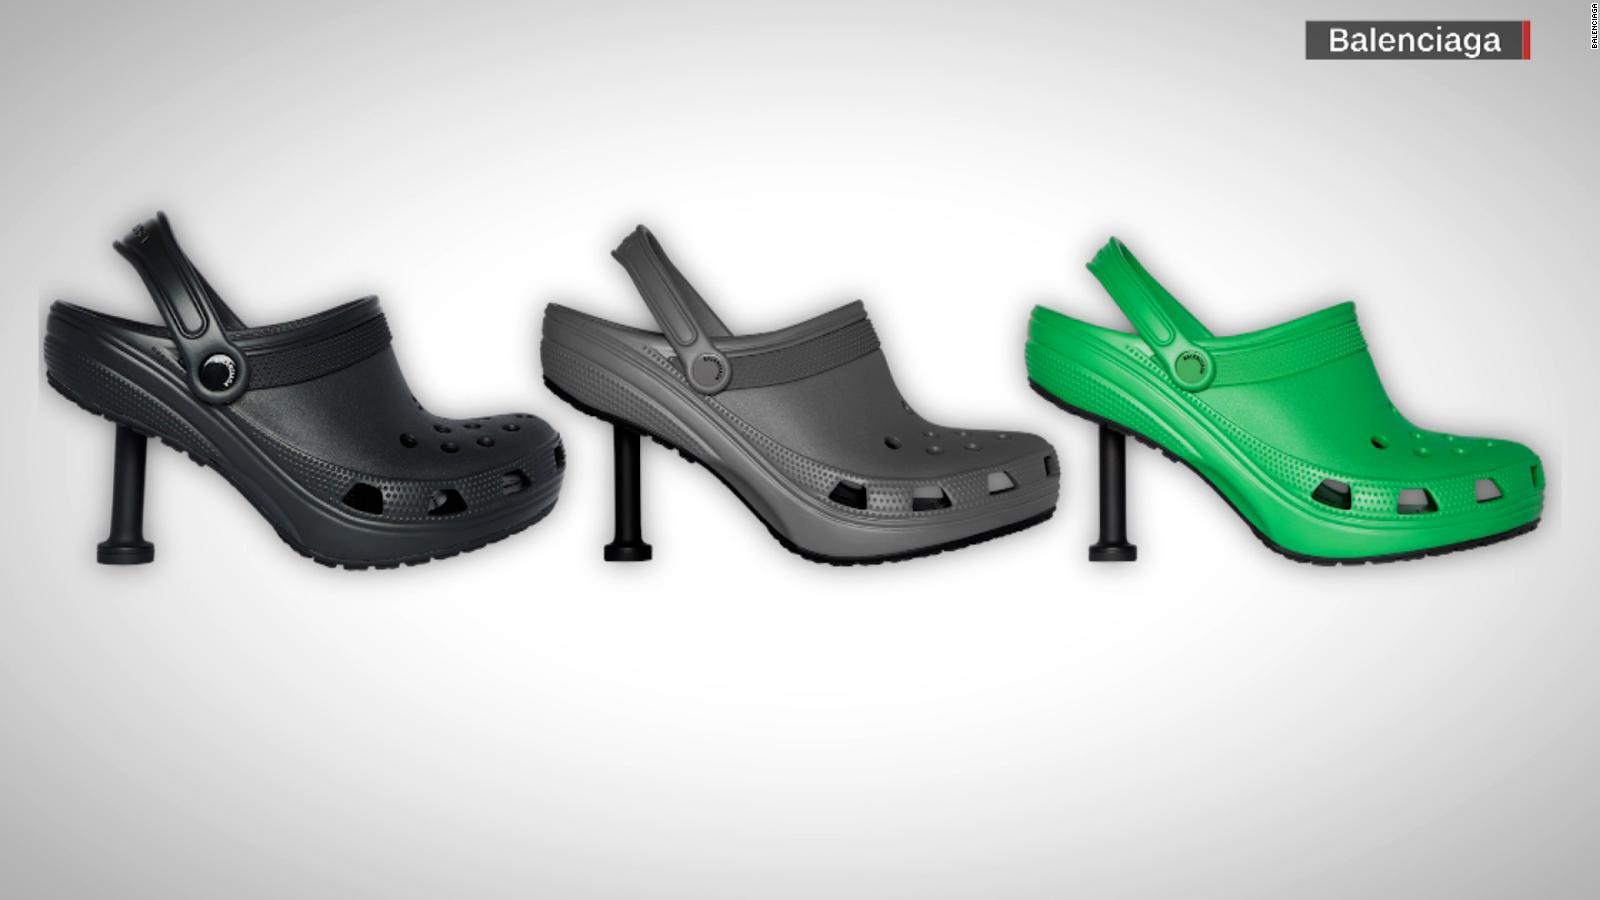 210608194919-balenciaga-crocs-full-169.j